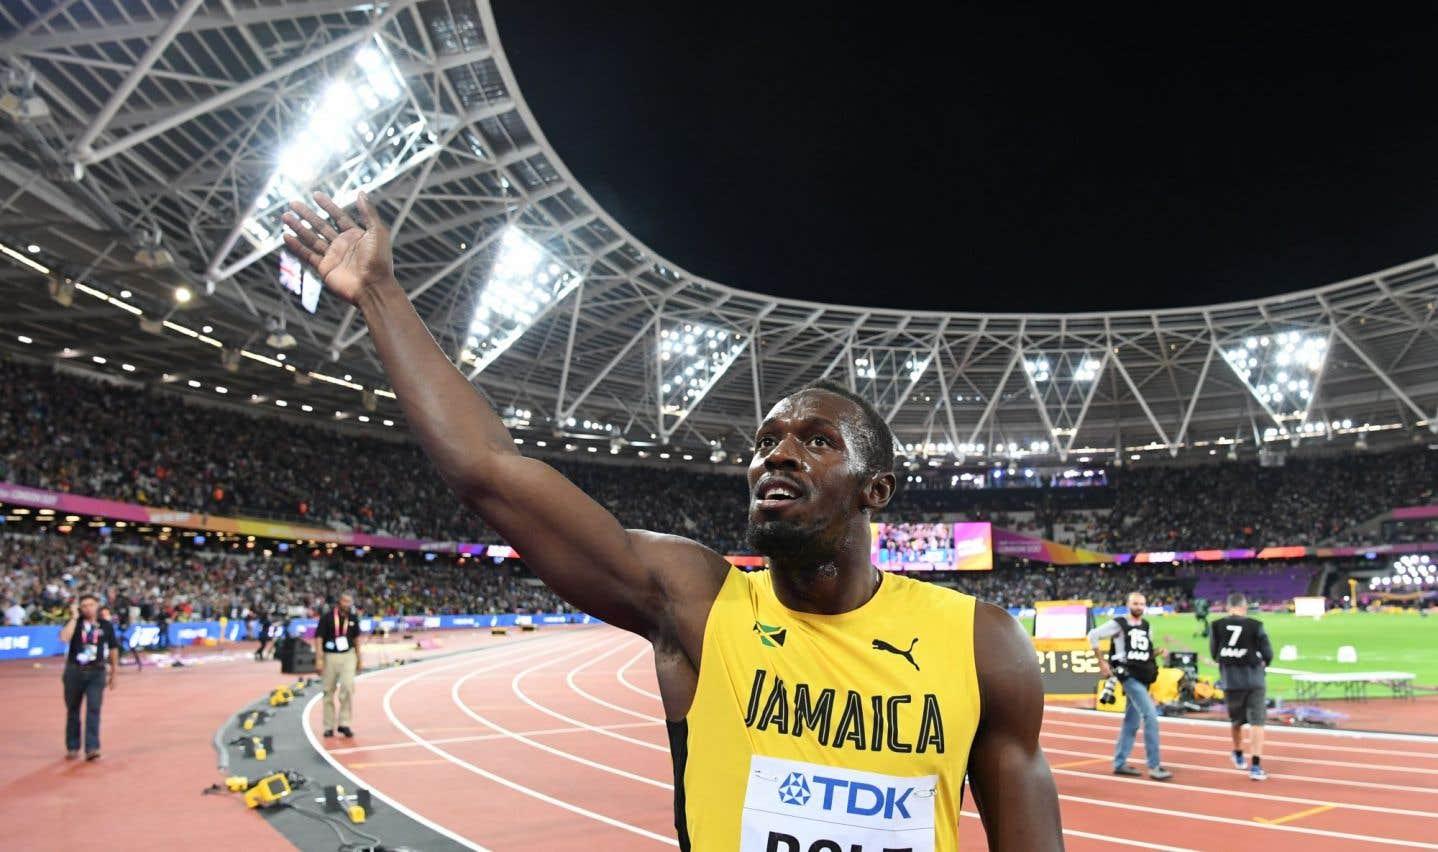 Avec le départ de la superstar Usain Bolt, le premier sport olympique perd plus qu'un coureur d'exception.